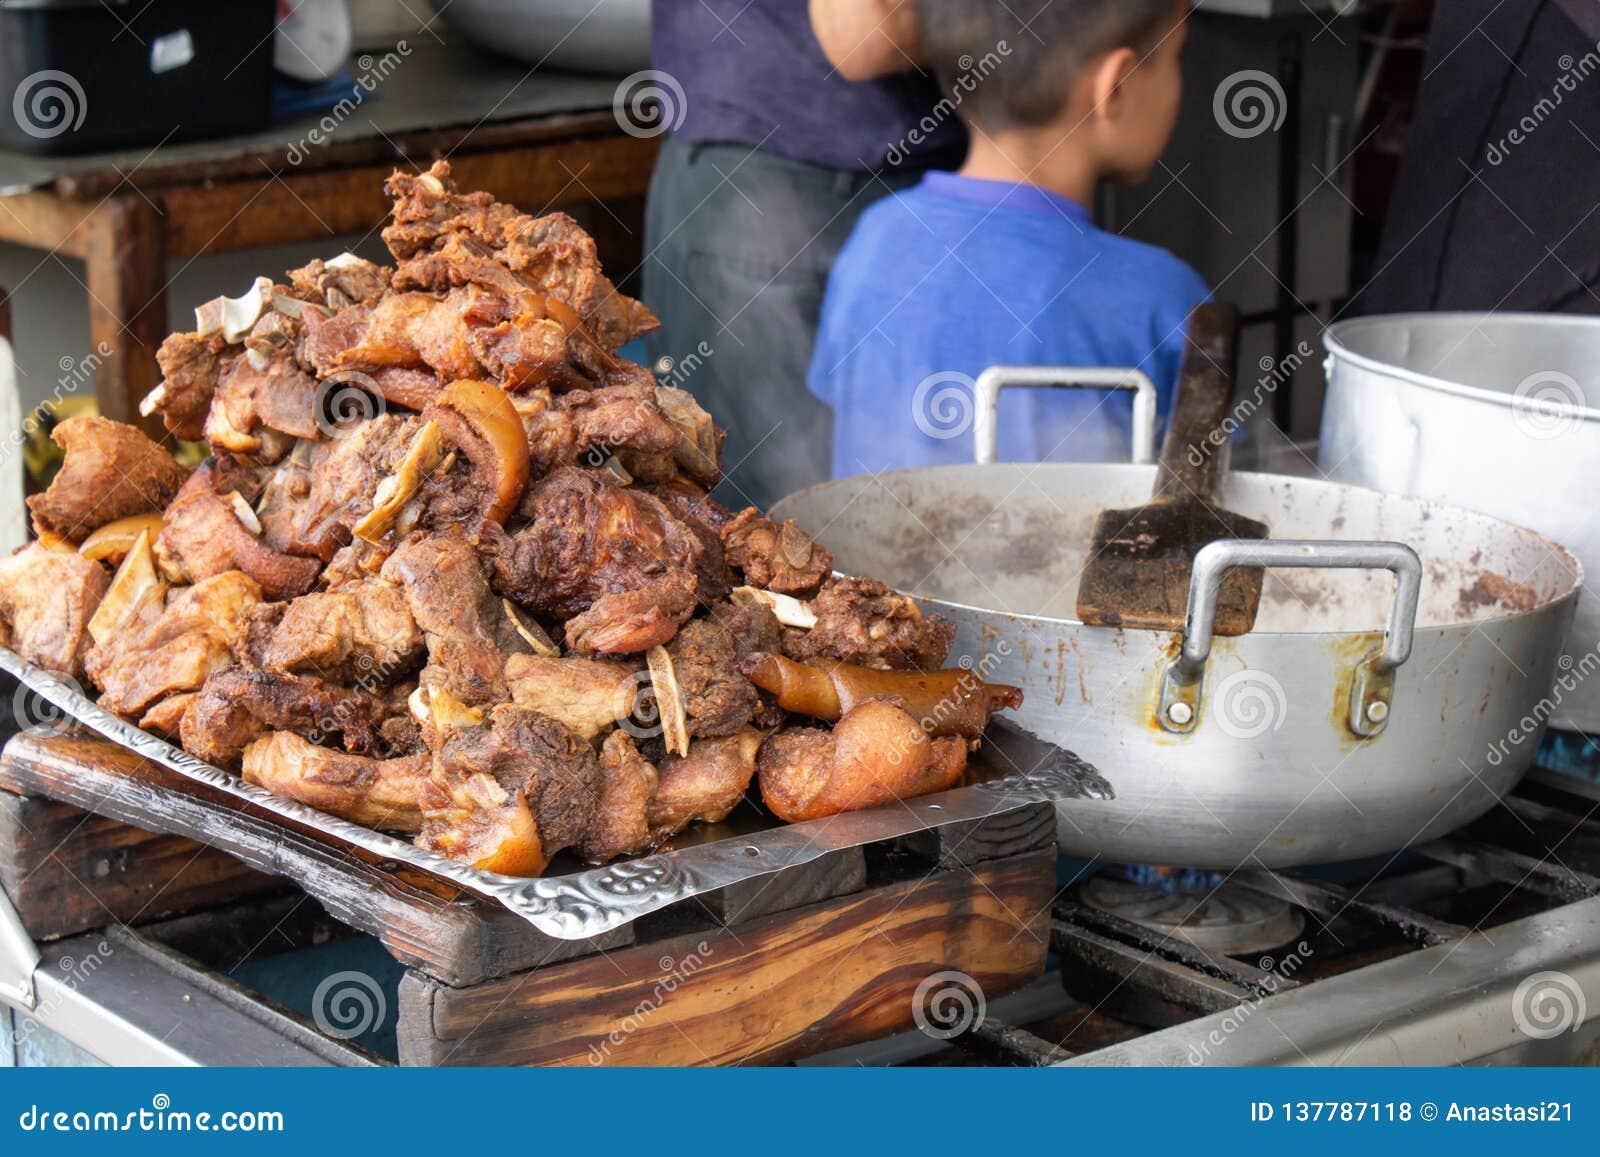 Le porc frit, frit sur la rue dans une cuve est le plat national des Indiens en Amérique du Sud